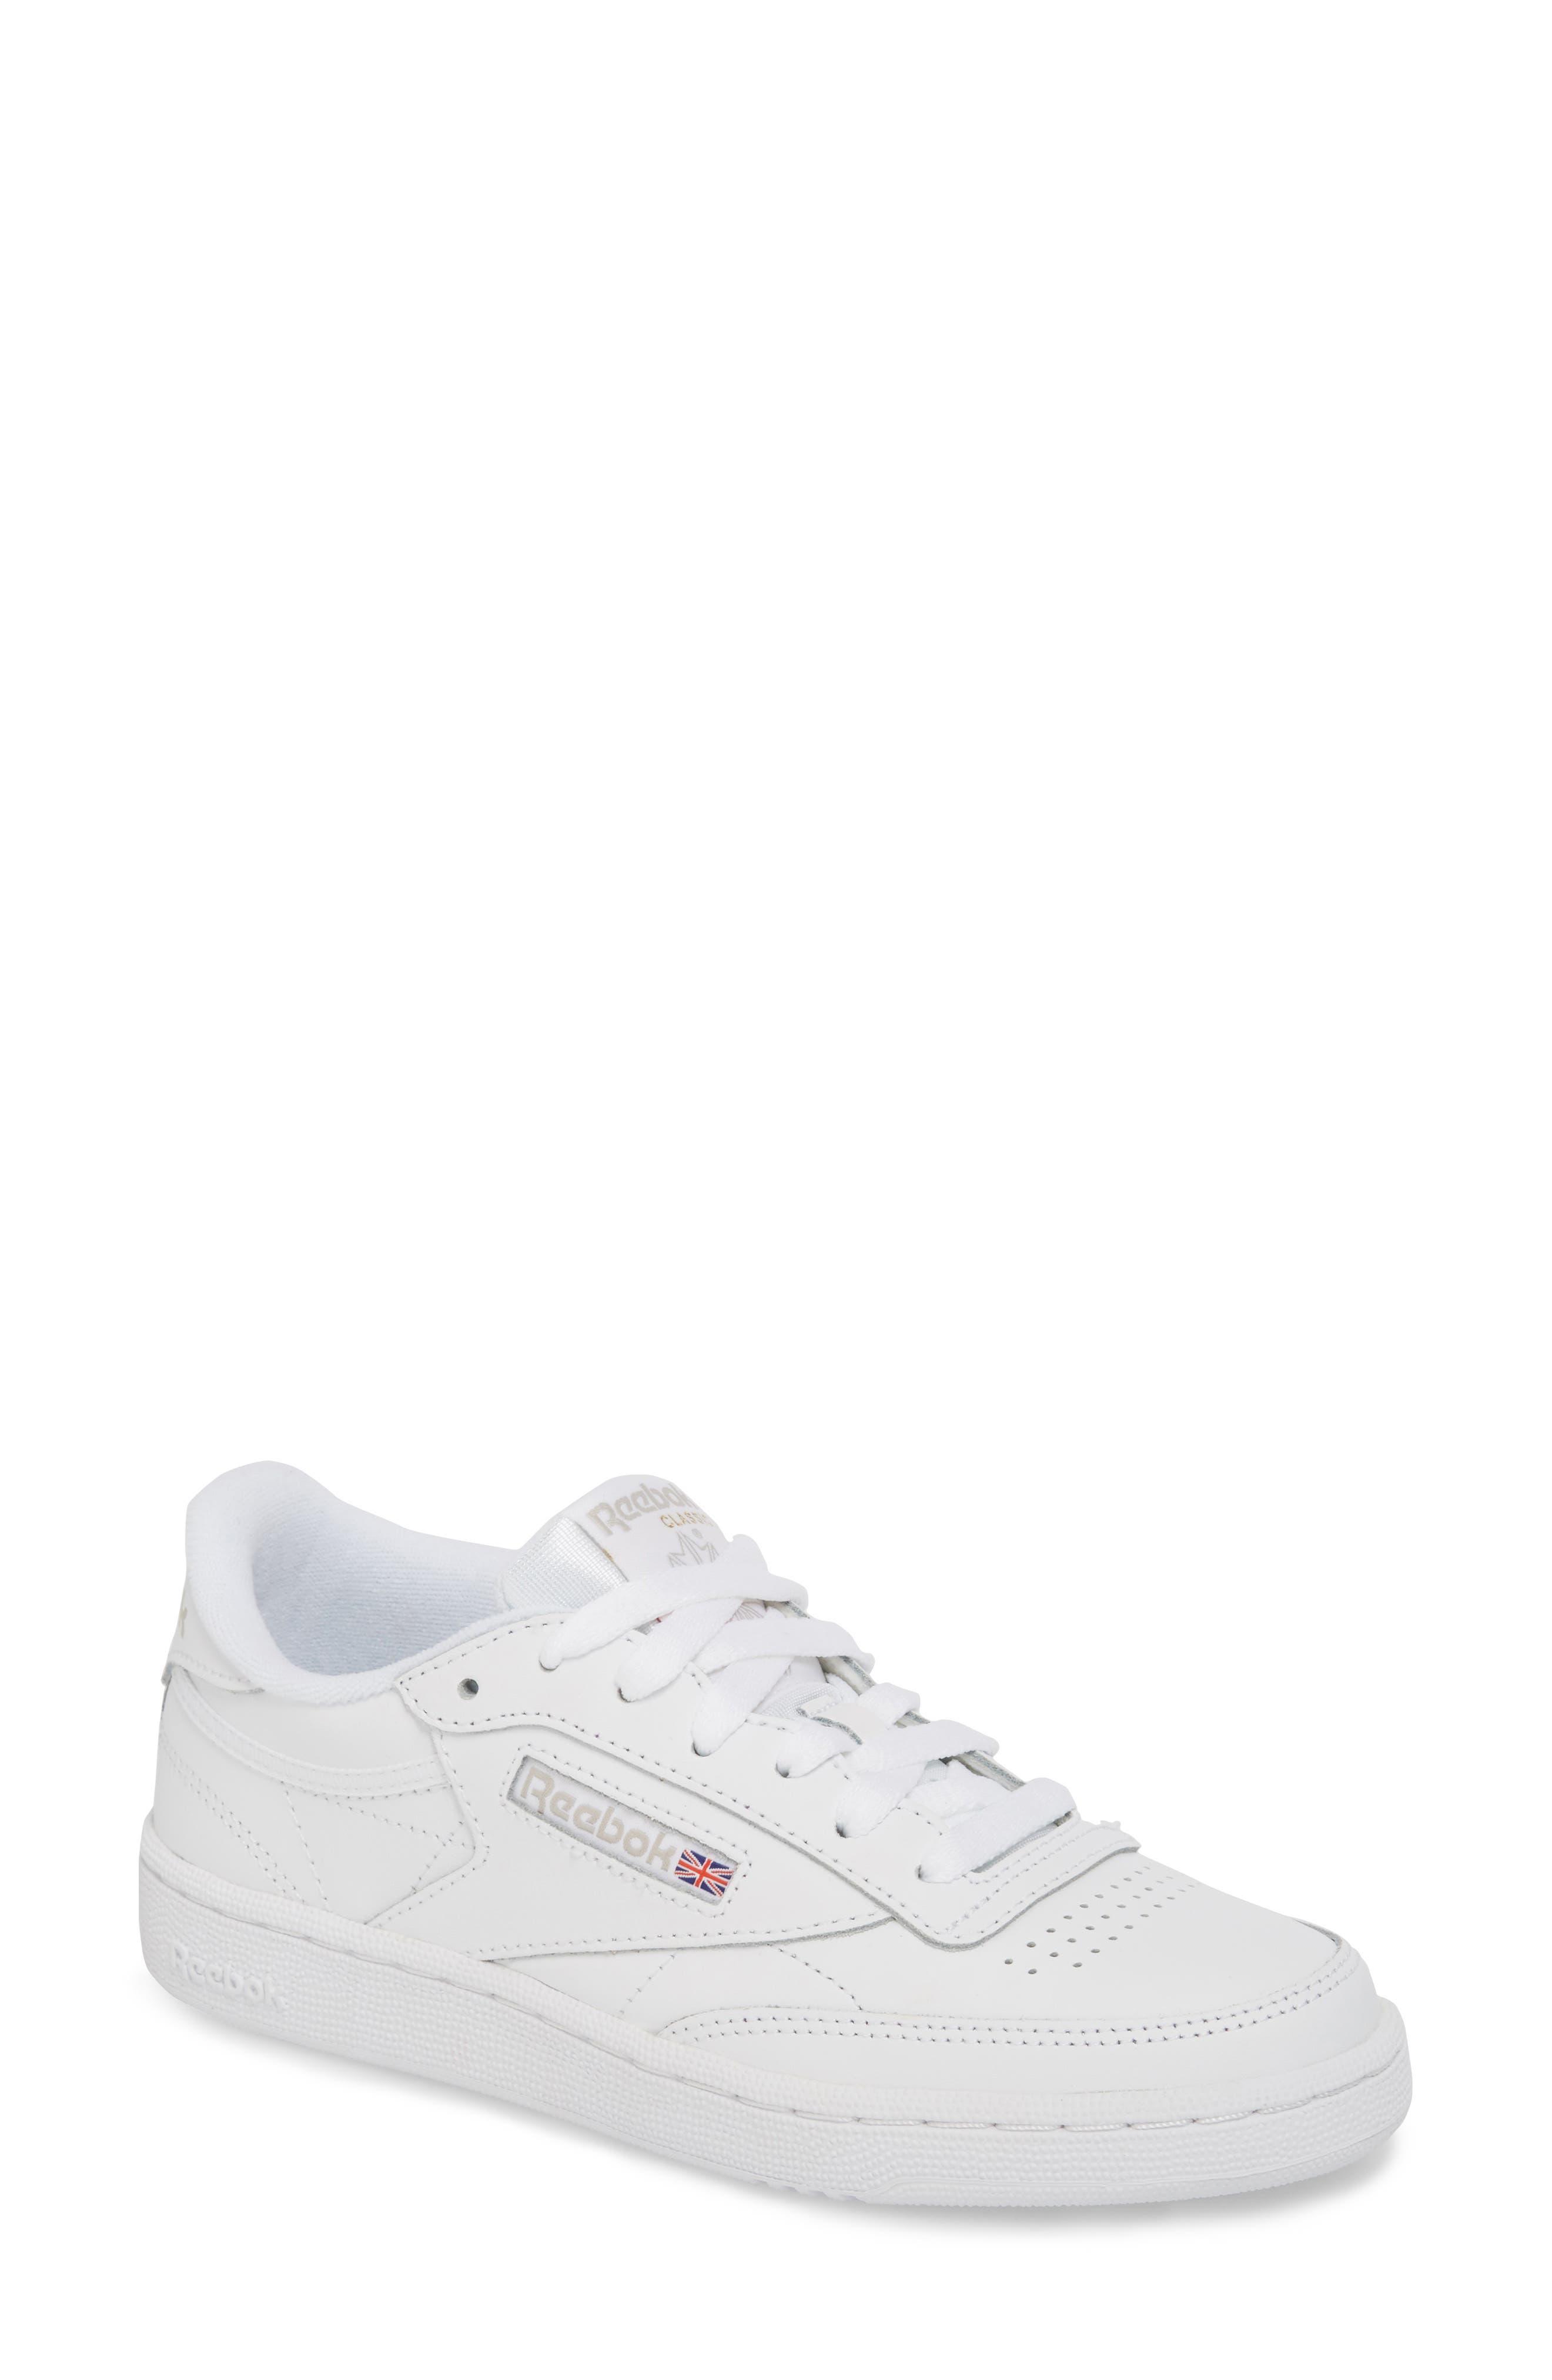 Reebok Club C 85 Sneaker (Women)